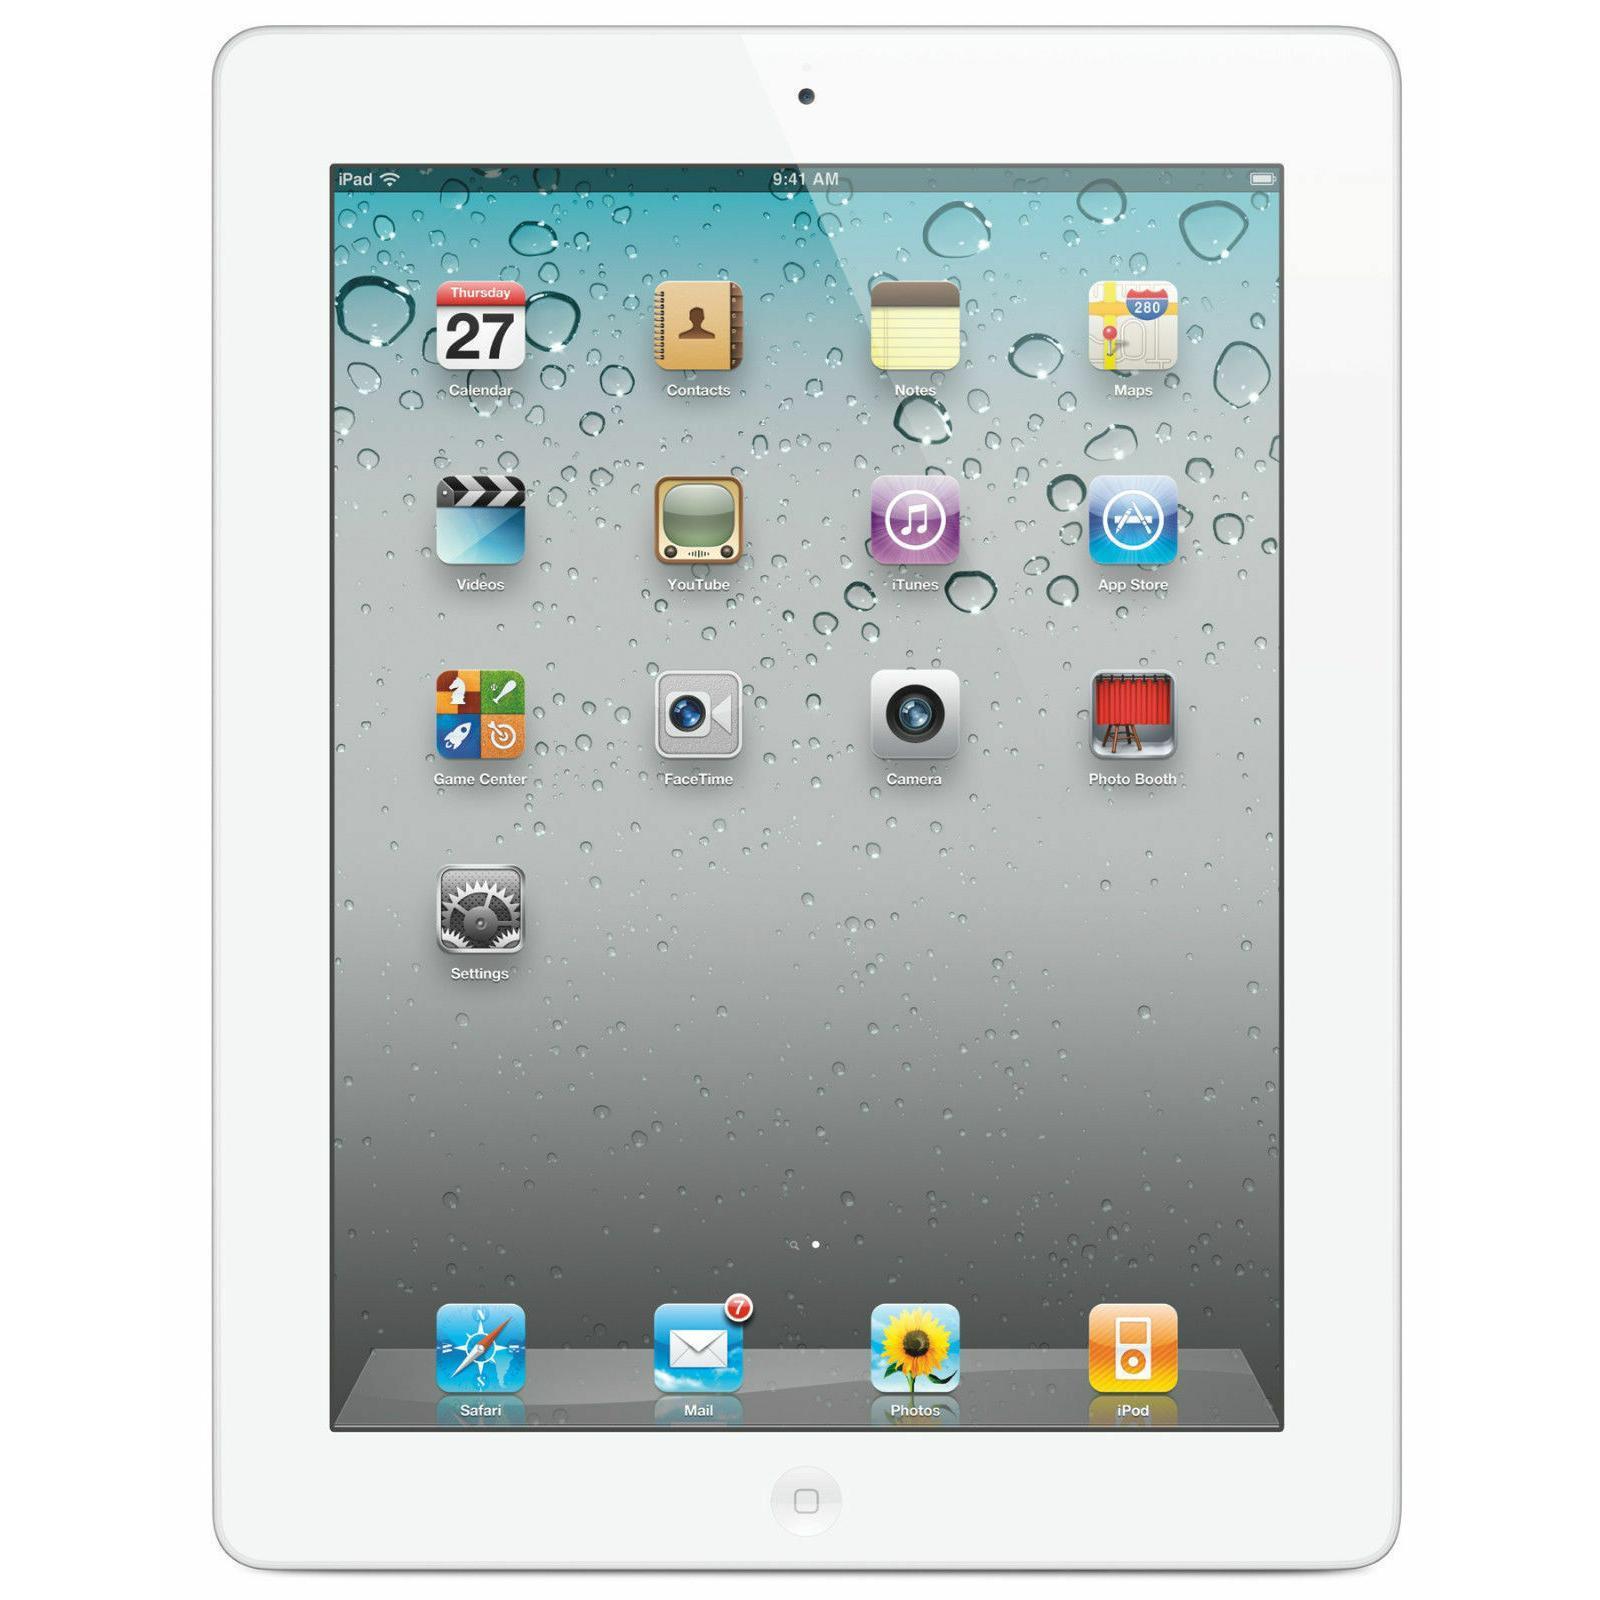 iPad 4 (2012) - WiFi + 4G